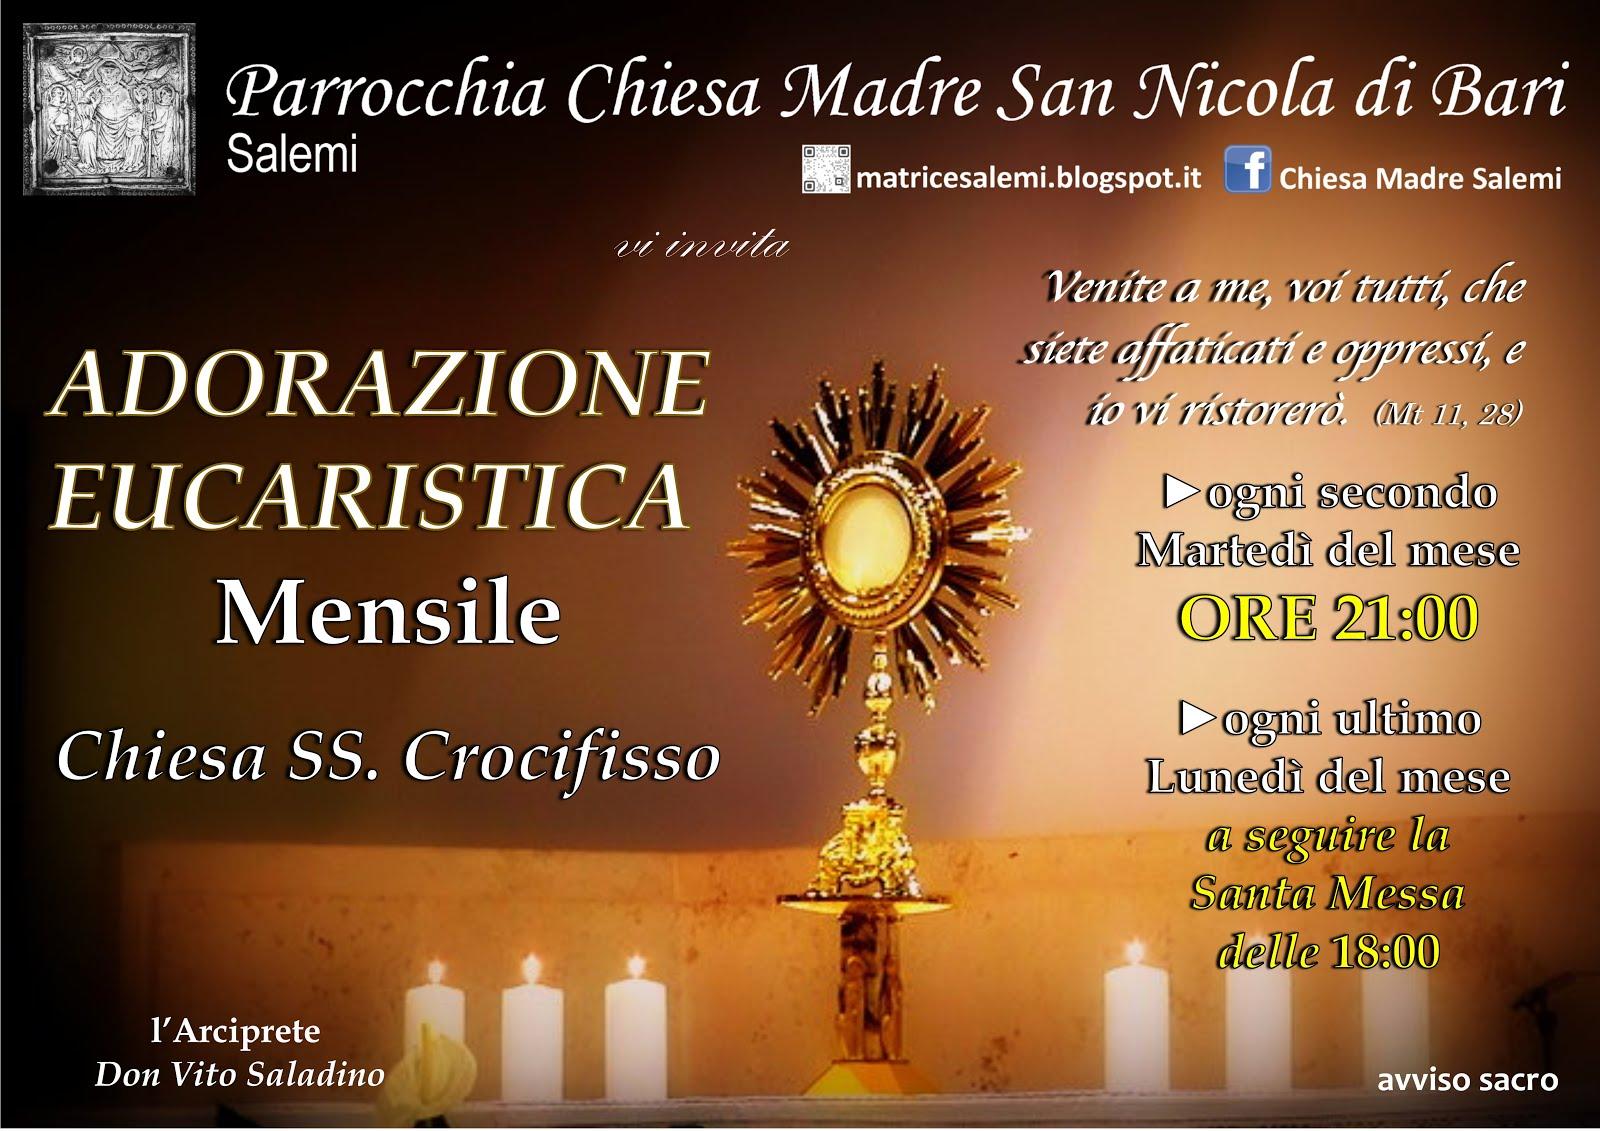 Adorazione Eucaristica Mensile